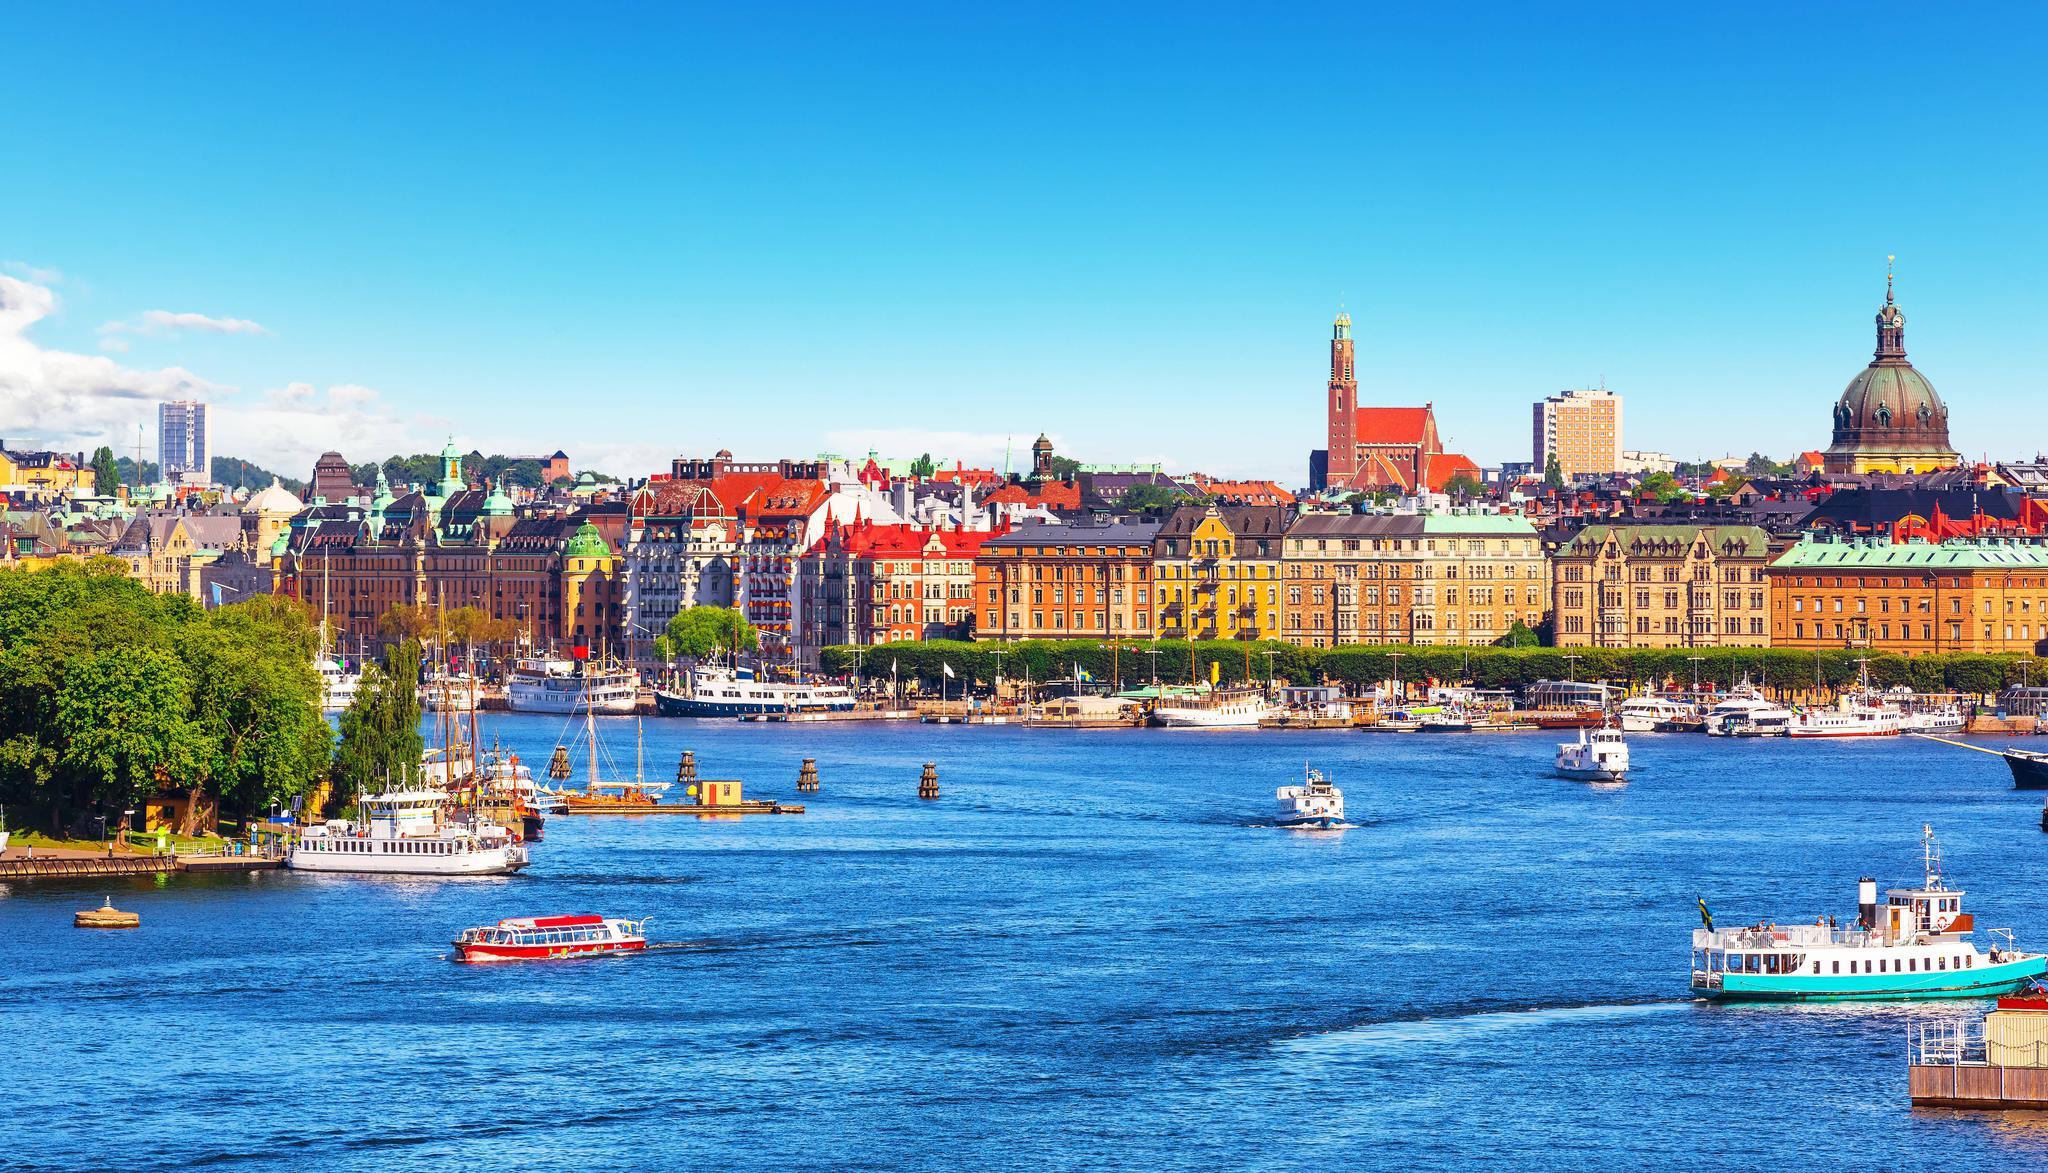 瑞典开始测试基于区块链的央行数字货币-电子版克朗|数字货币_LibraNews_LibraNews网